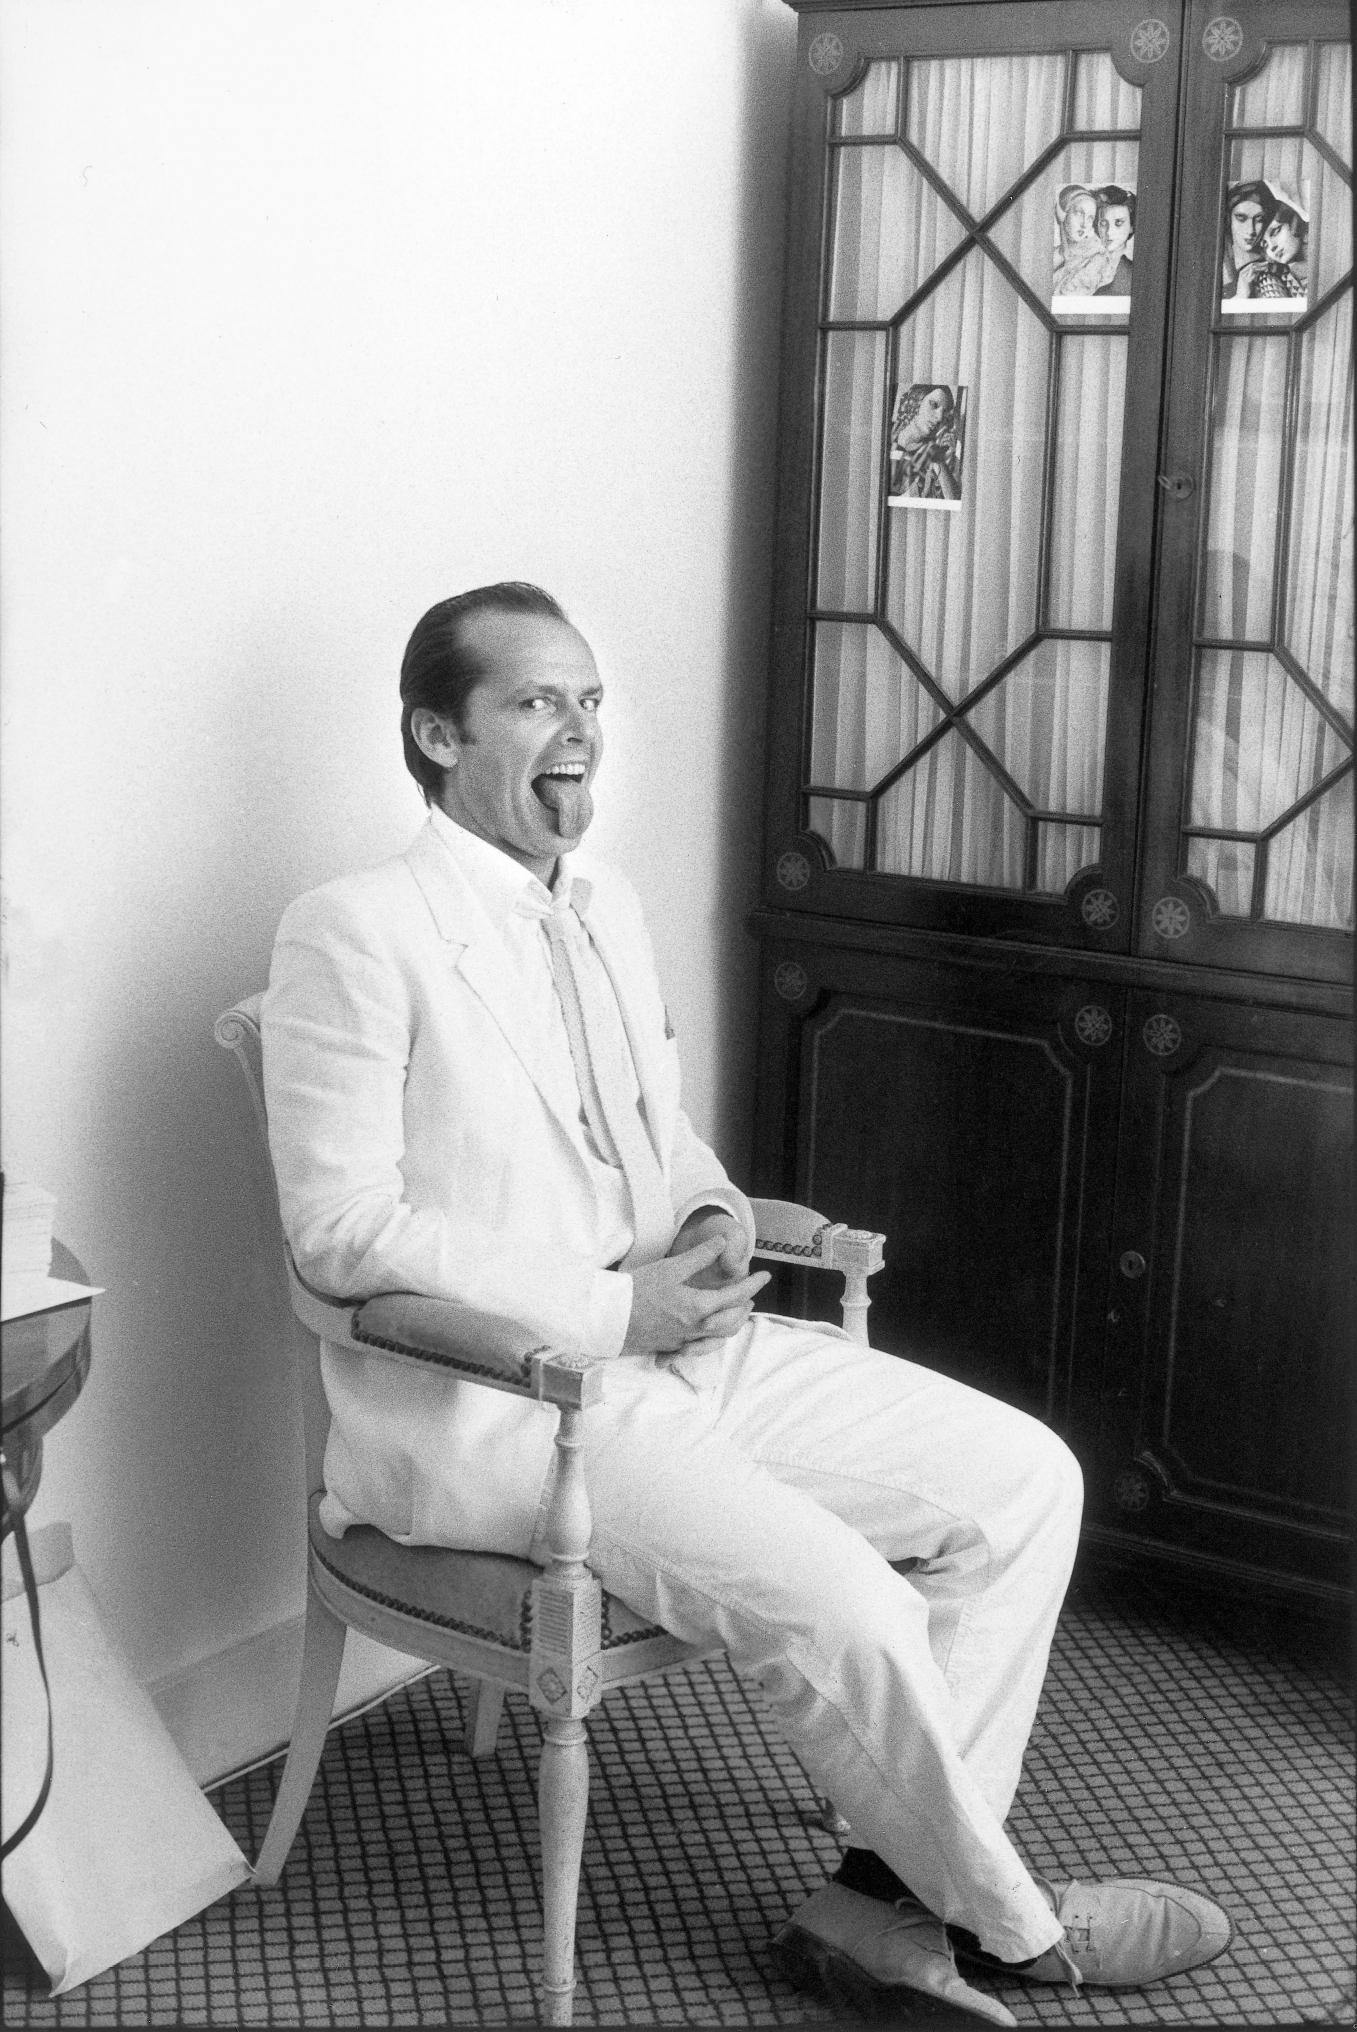 Michou Simon Jack Nicholson, 1981 2 200 €